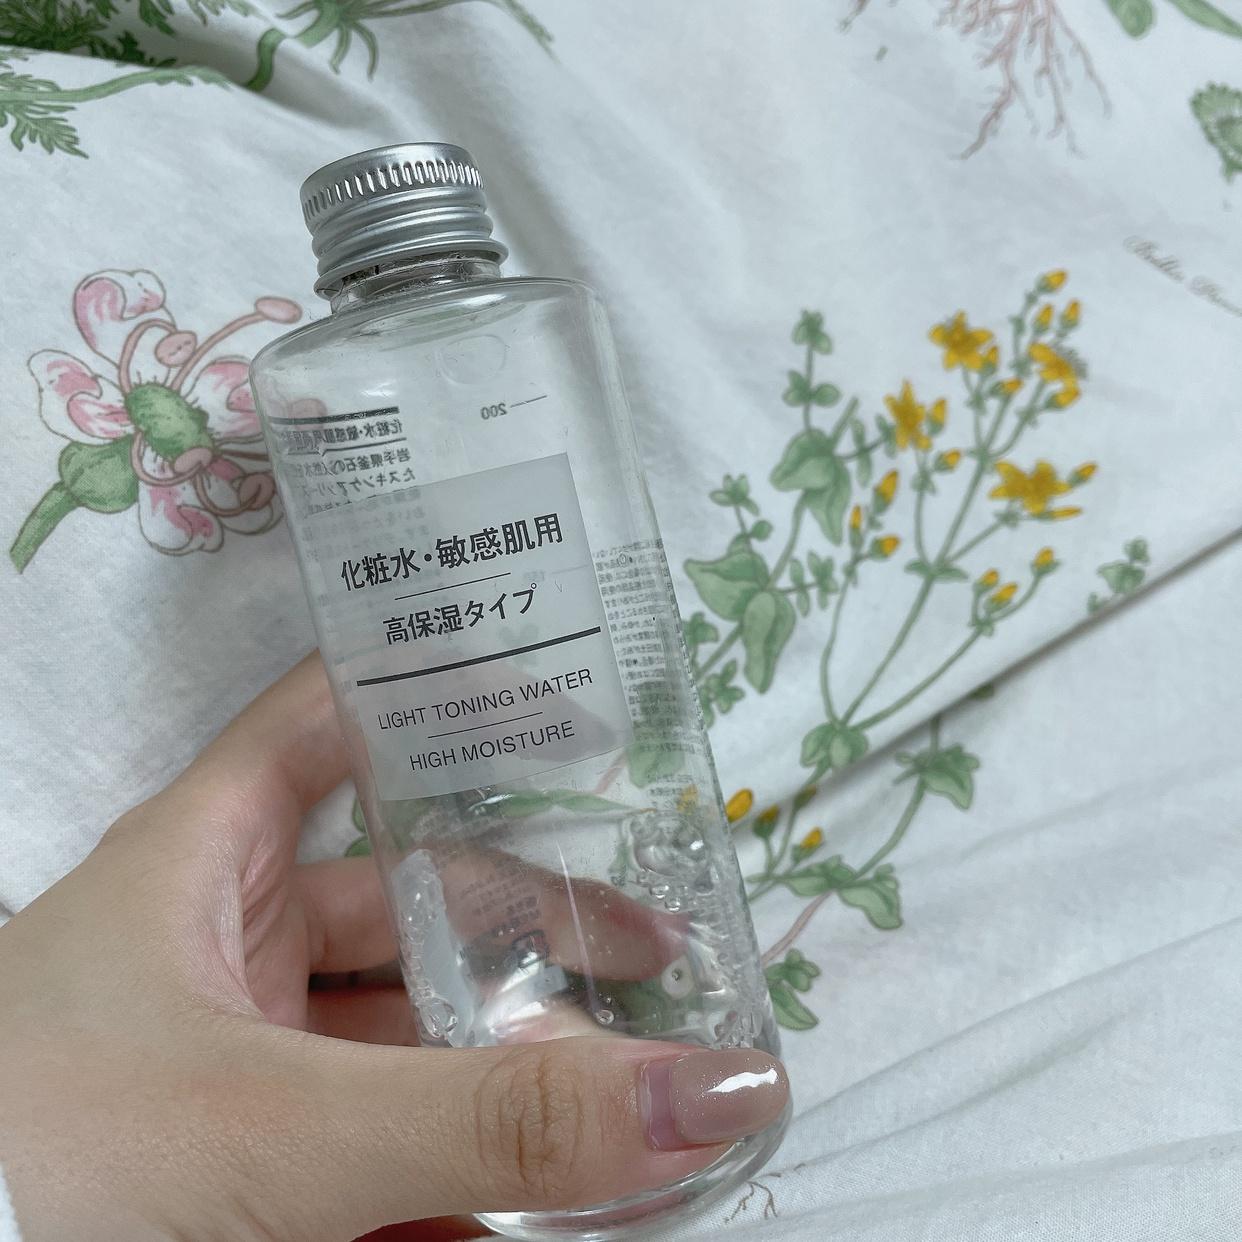 無印良品(MUJI) 化粧水・敏感肌用・高保湿タイプを使った寧neiさんのクチコミ画像1